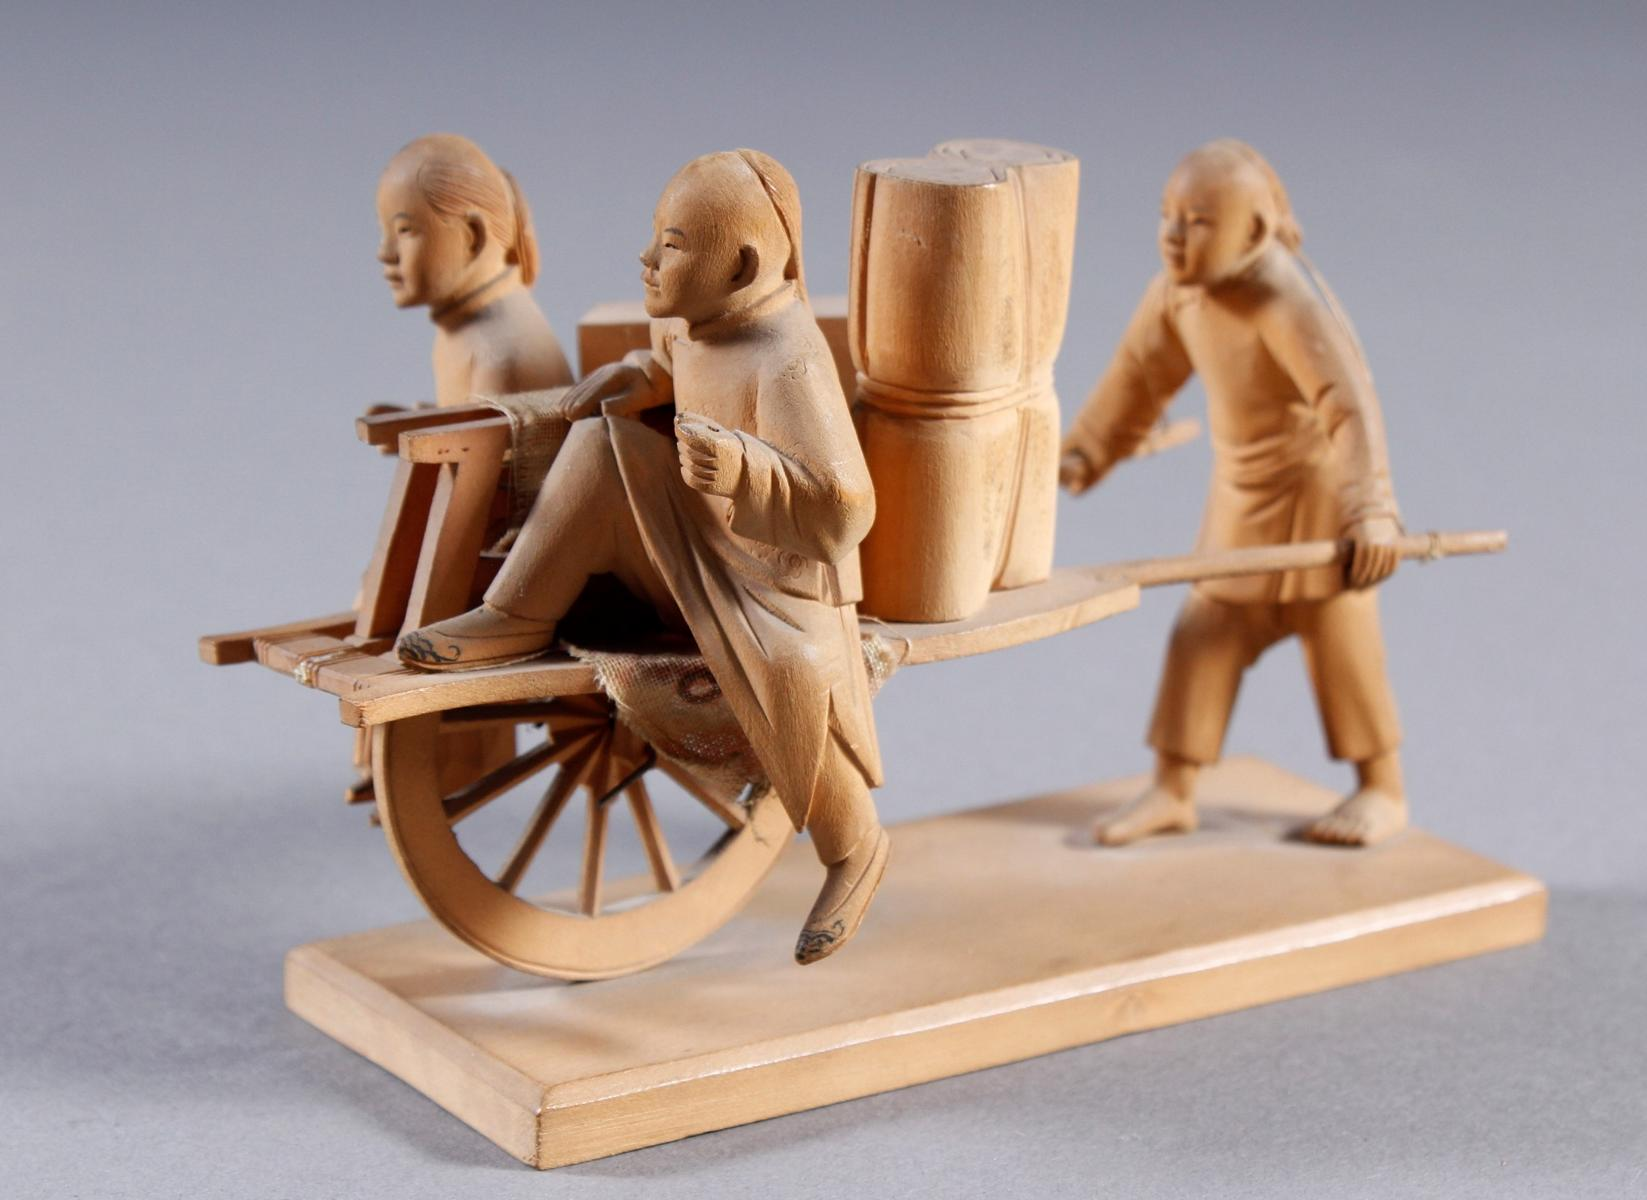 Holzschnitzerei, China um 1900-3